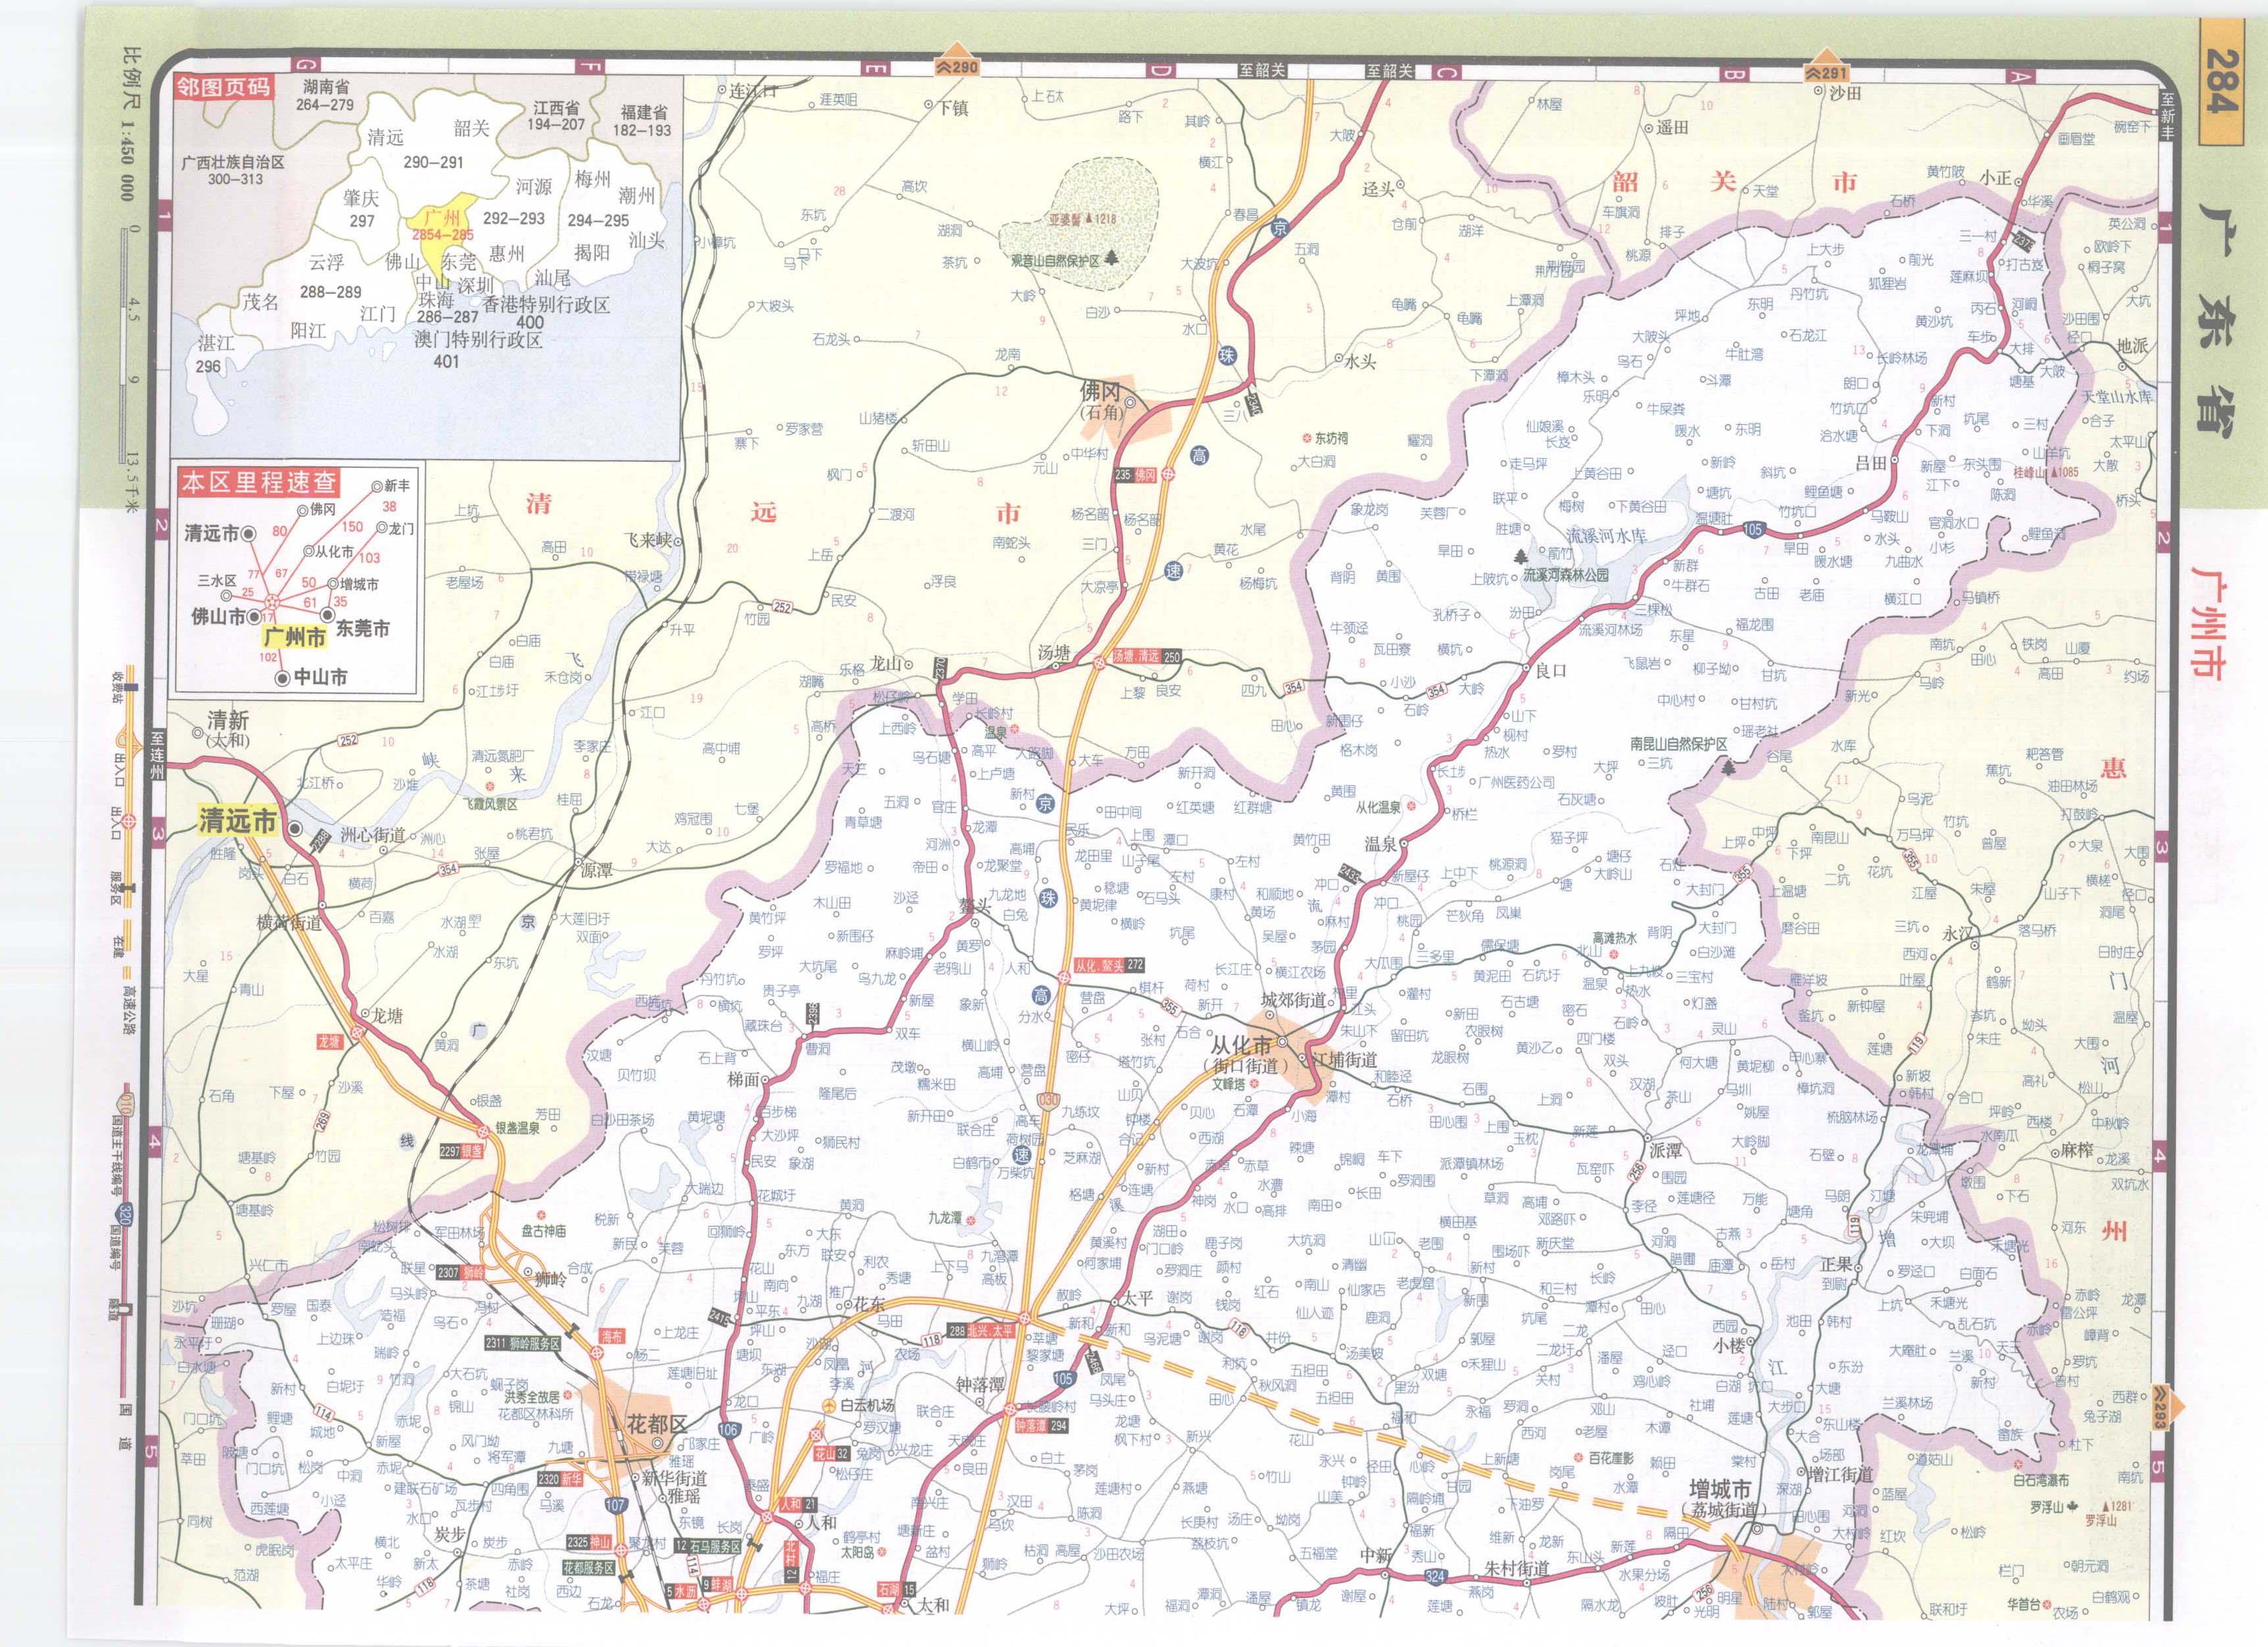 广东省广州市高速公路网地图_交通地图库